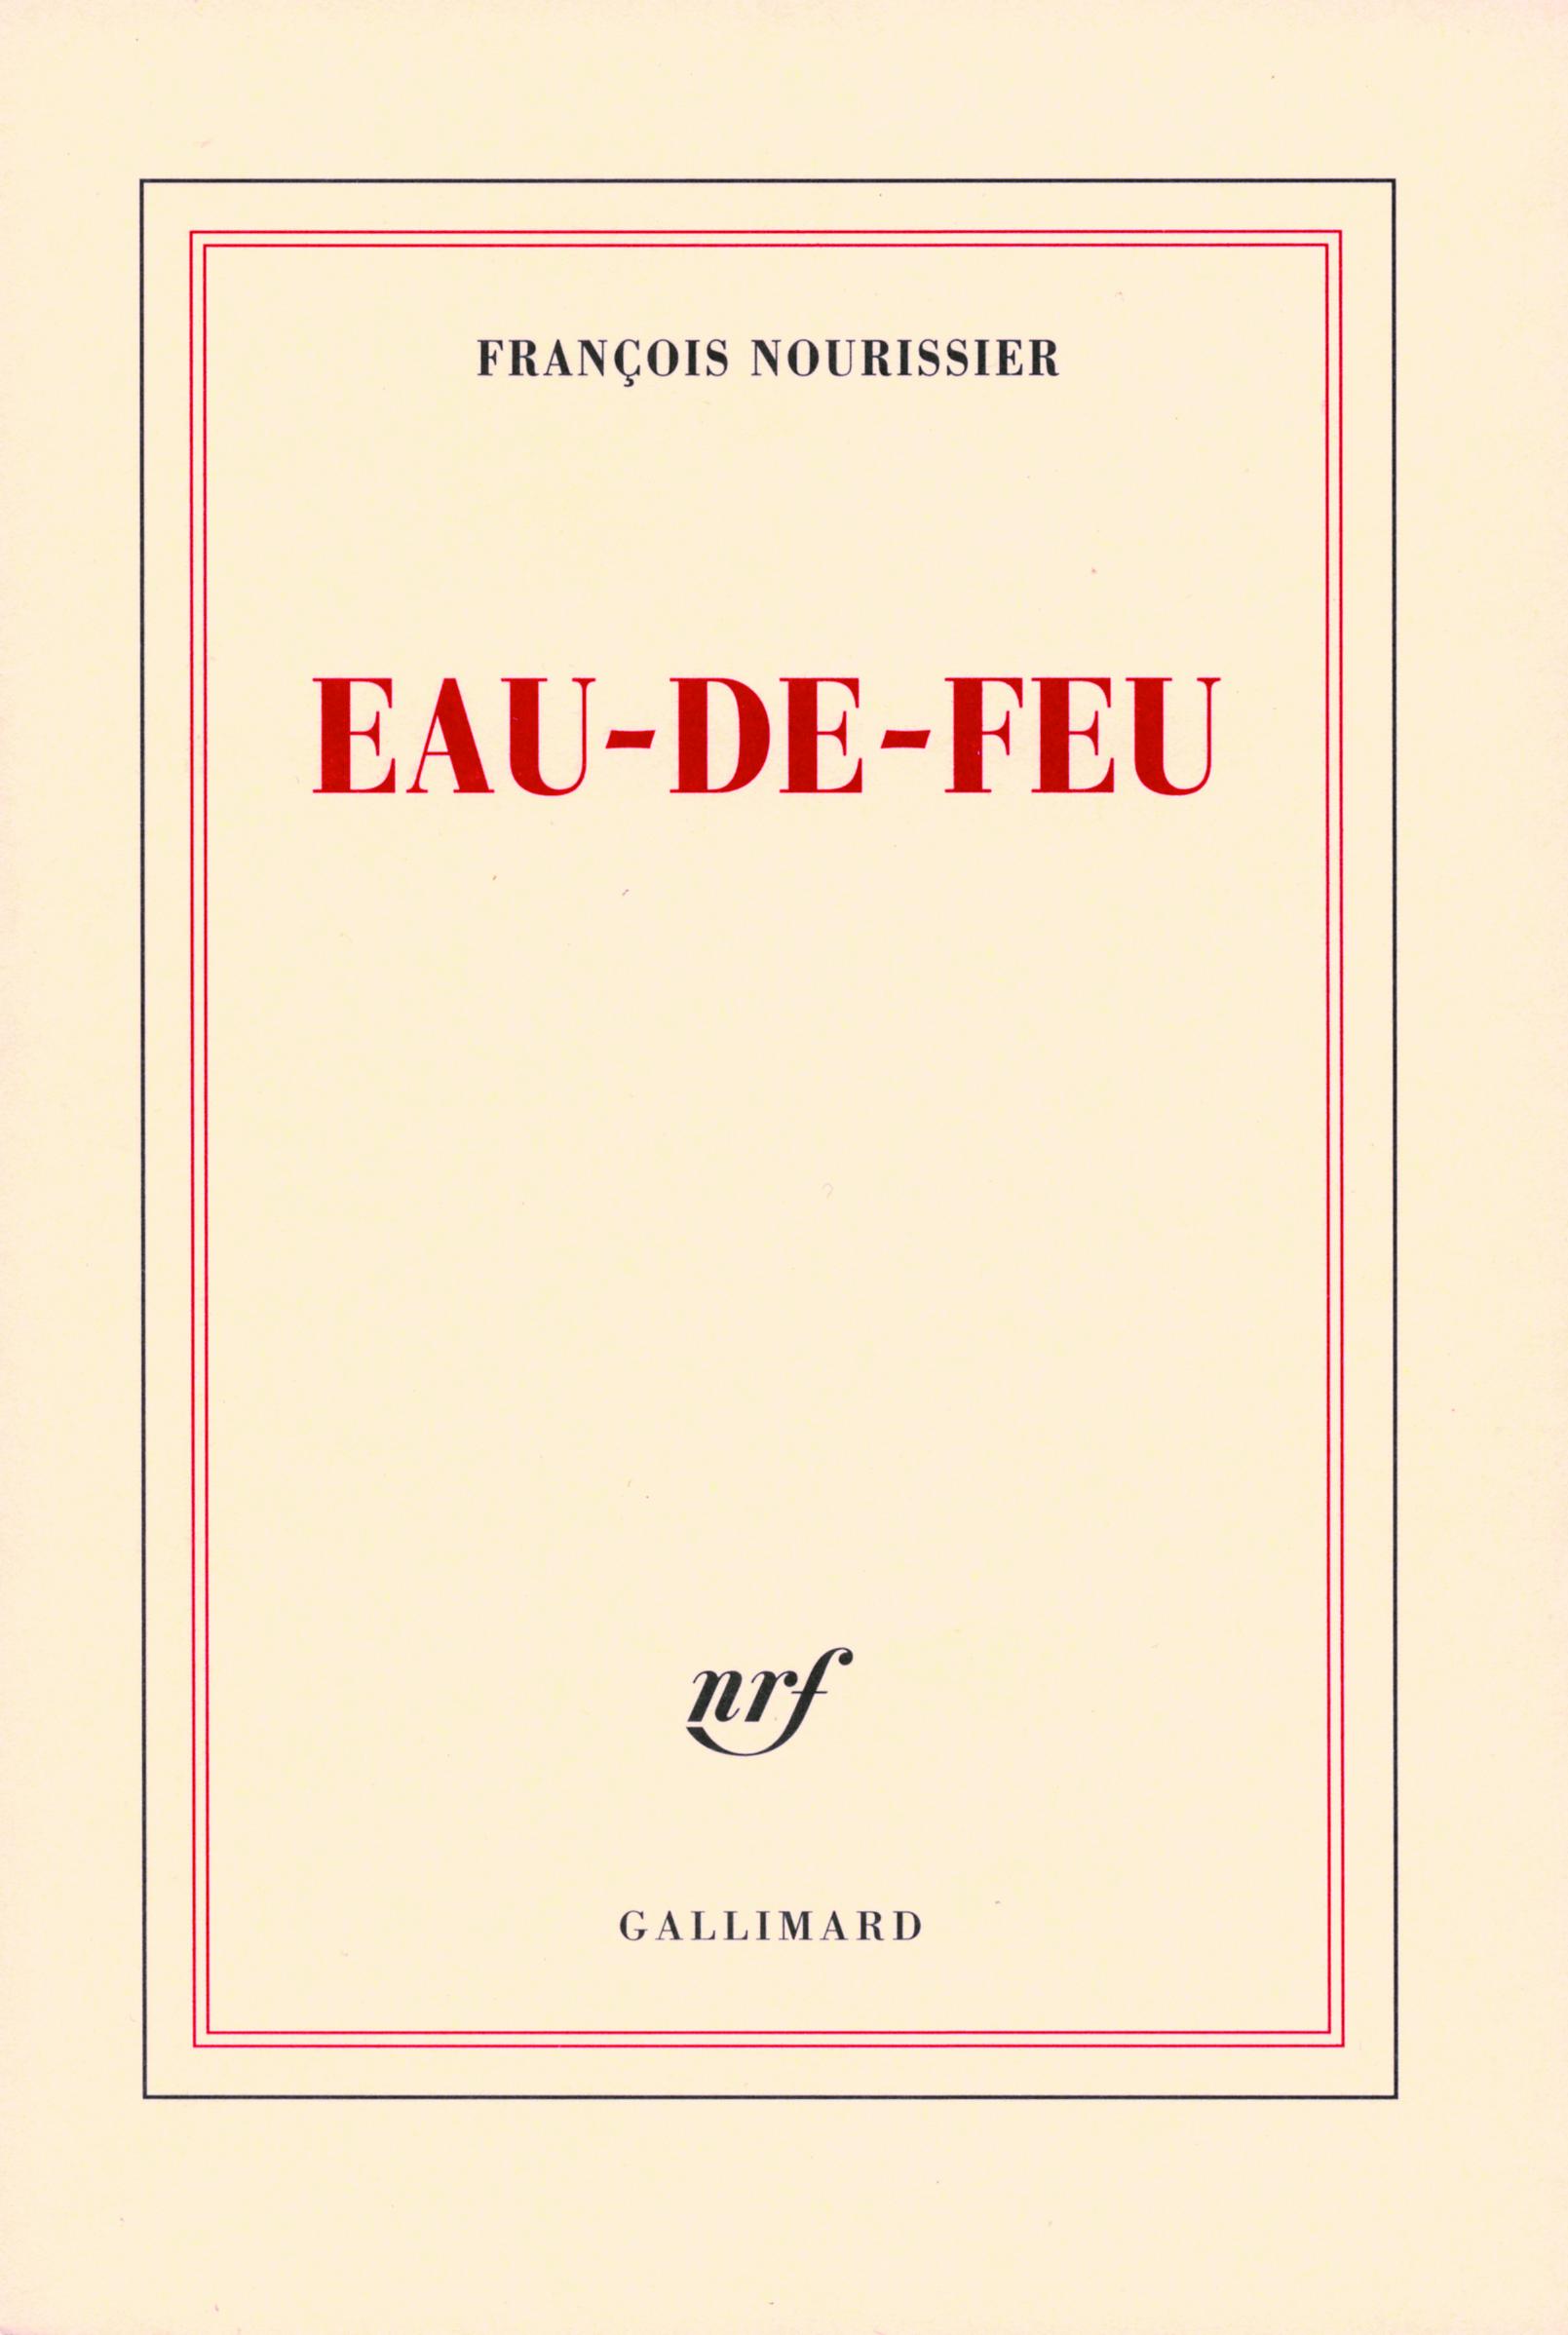 EAU-DE-FEU